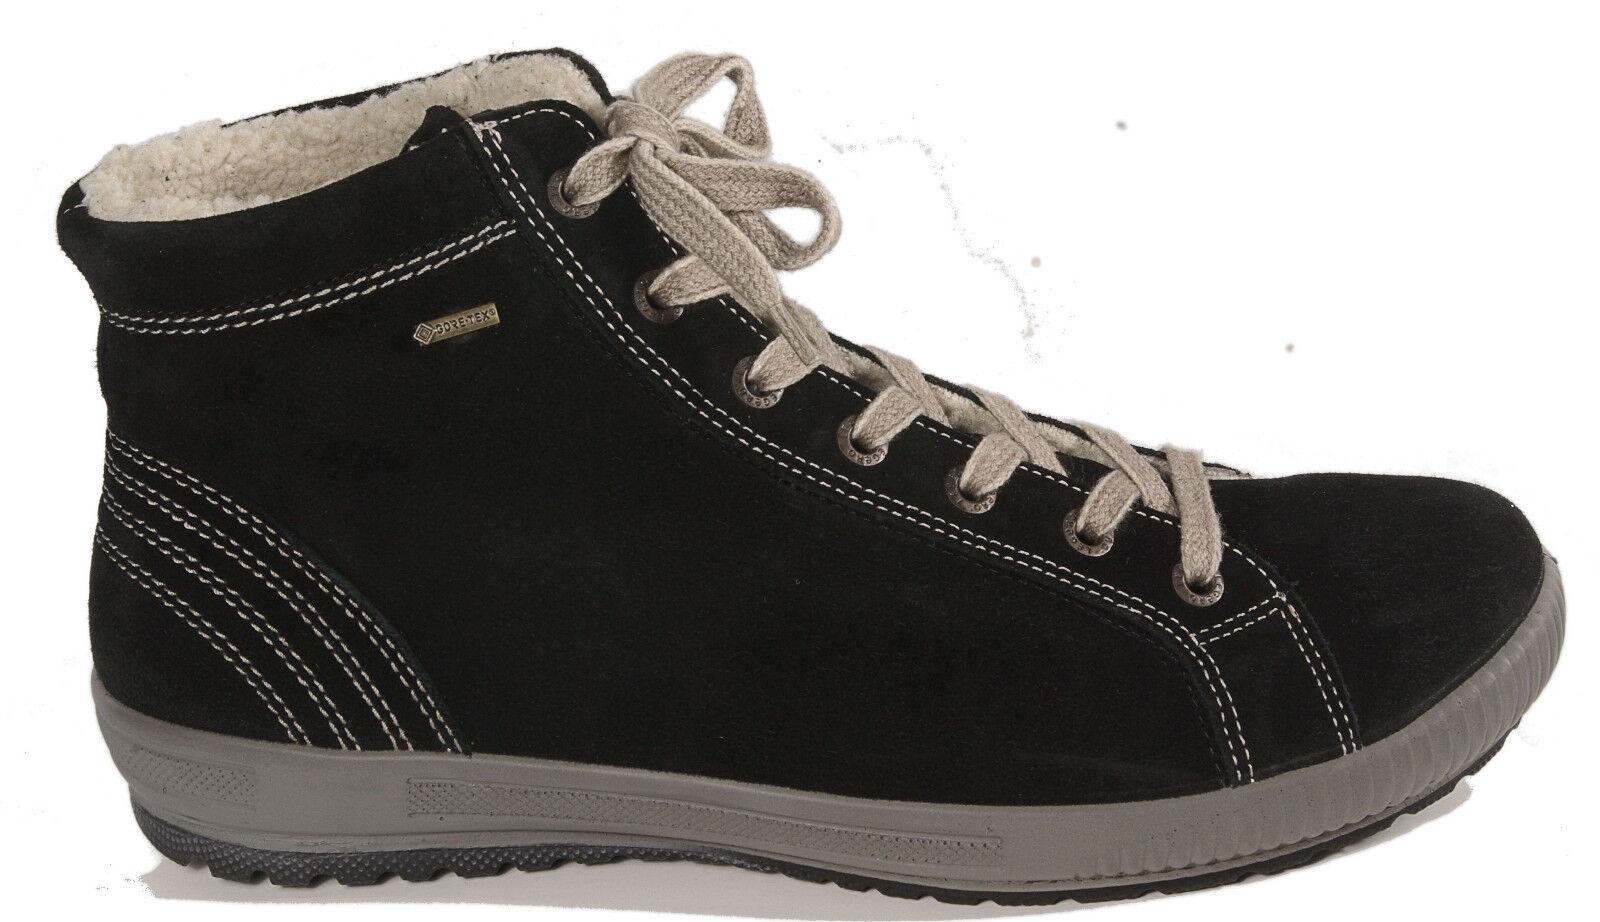 Legero cuero ata botín botín ata botas negro velour cuero Legero G ancho gore 264df8